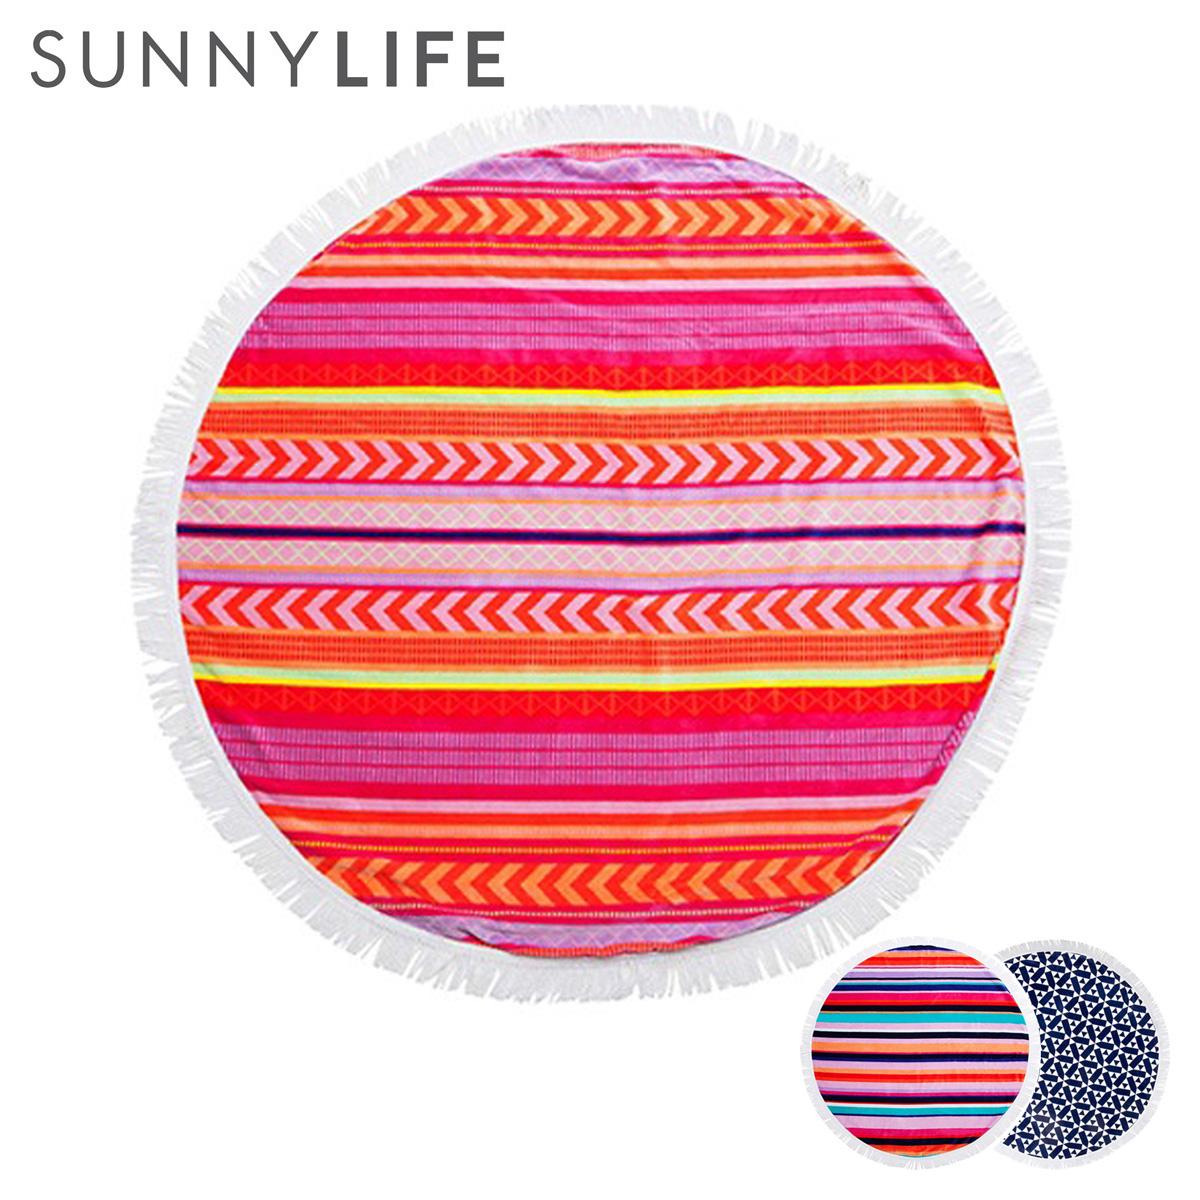 サニーライフ SUNNYLIFE ラウンドビーチタオル ビーチマット タオル ラウンド バスタオル タオルケット 大判 SUNNY LIFE Round Towel 3カラー [177]